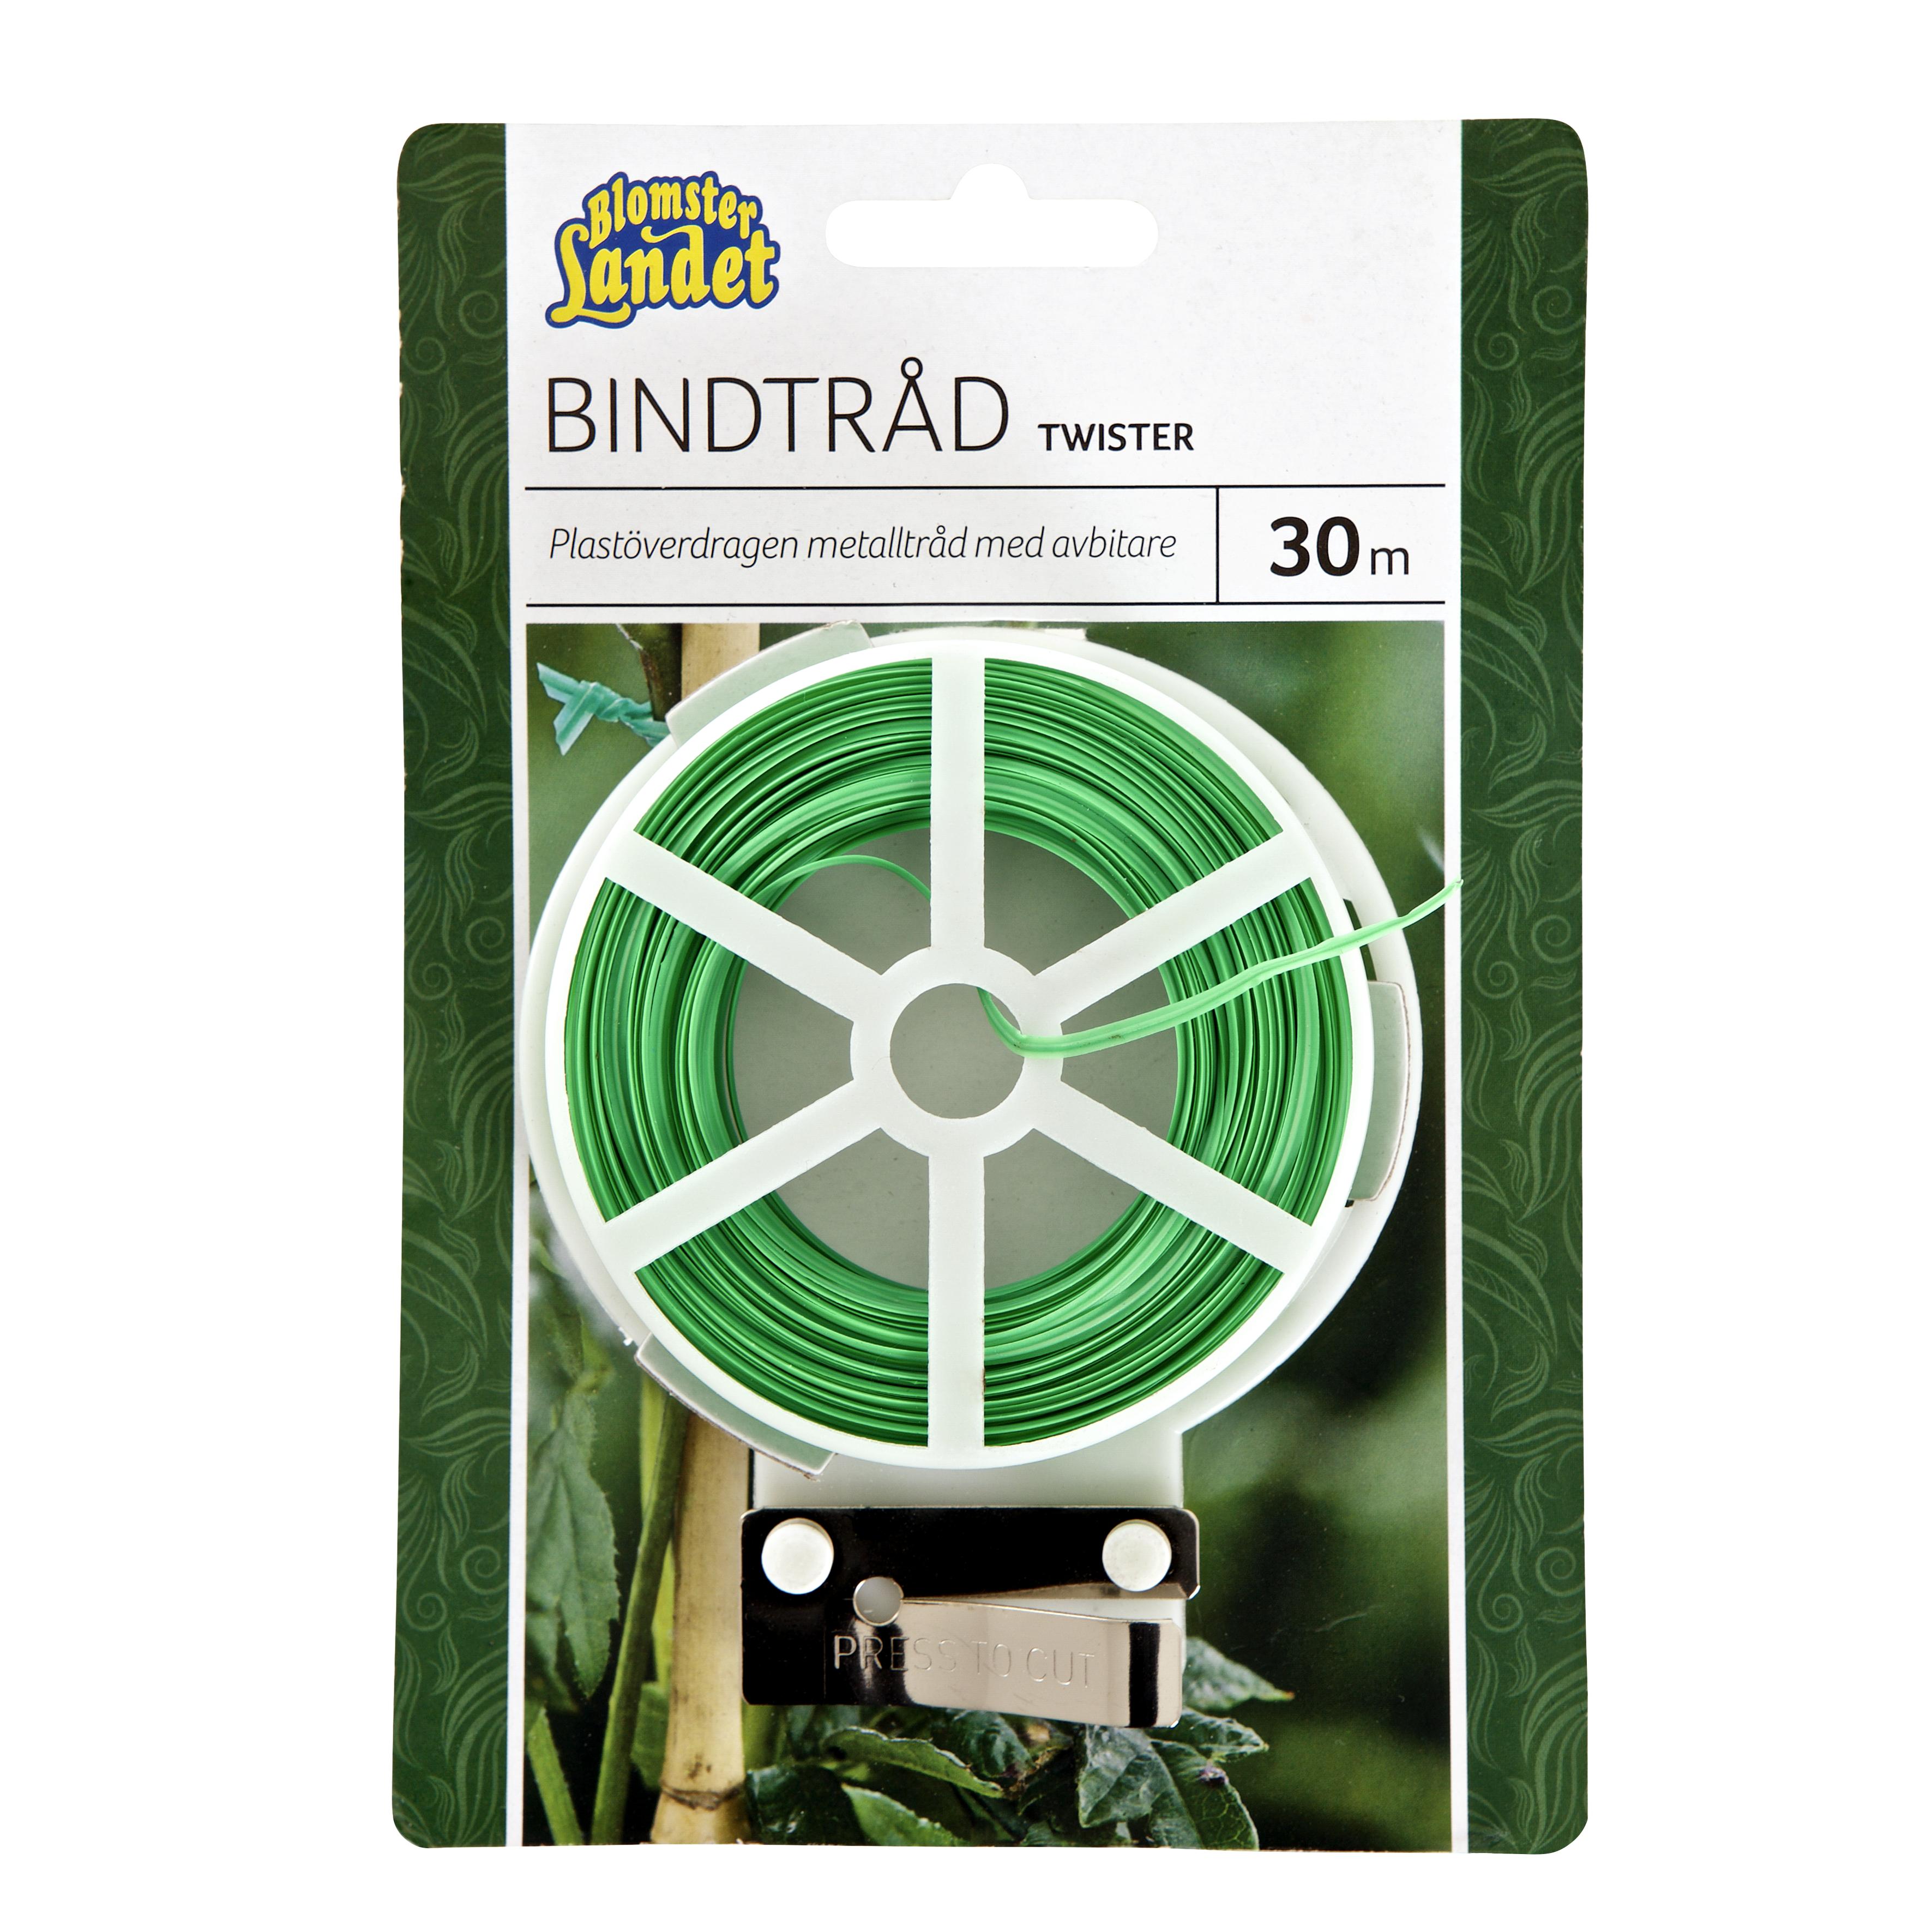 Produktbild på Bindtråd Twister Blomsterlandet